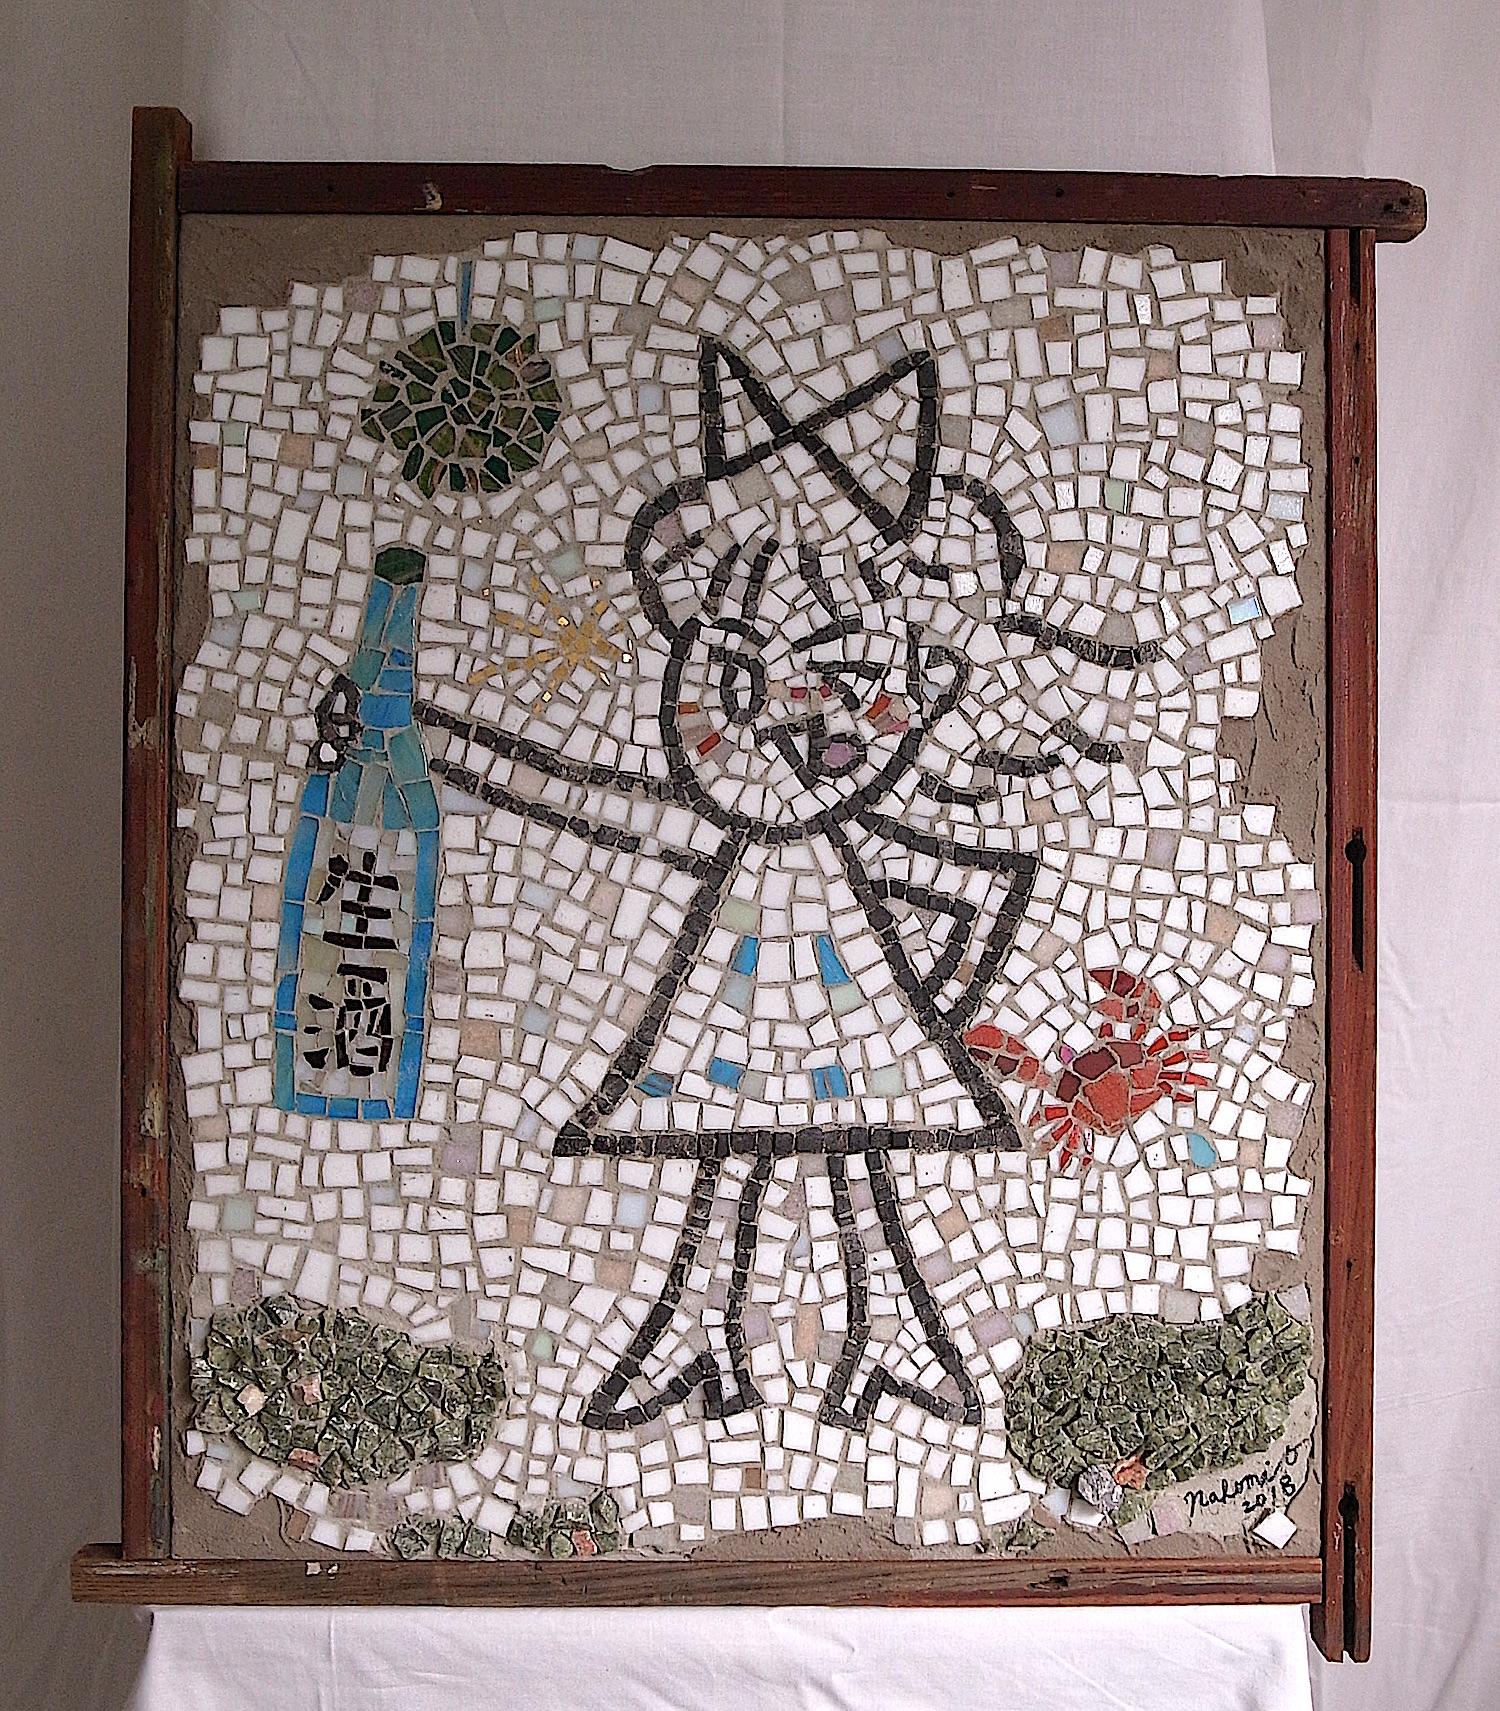 モザイクナホミン Mosaic Nahomi モザイクアート・キャラクター